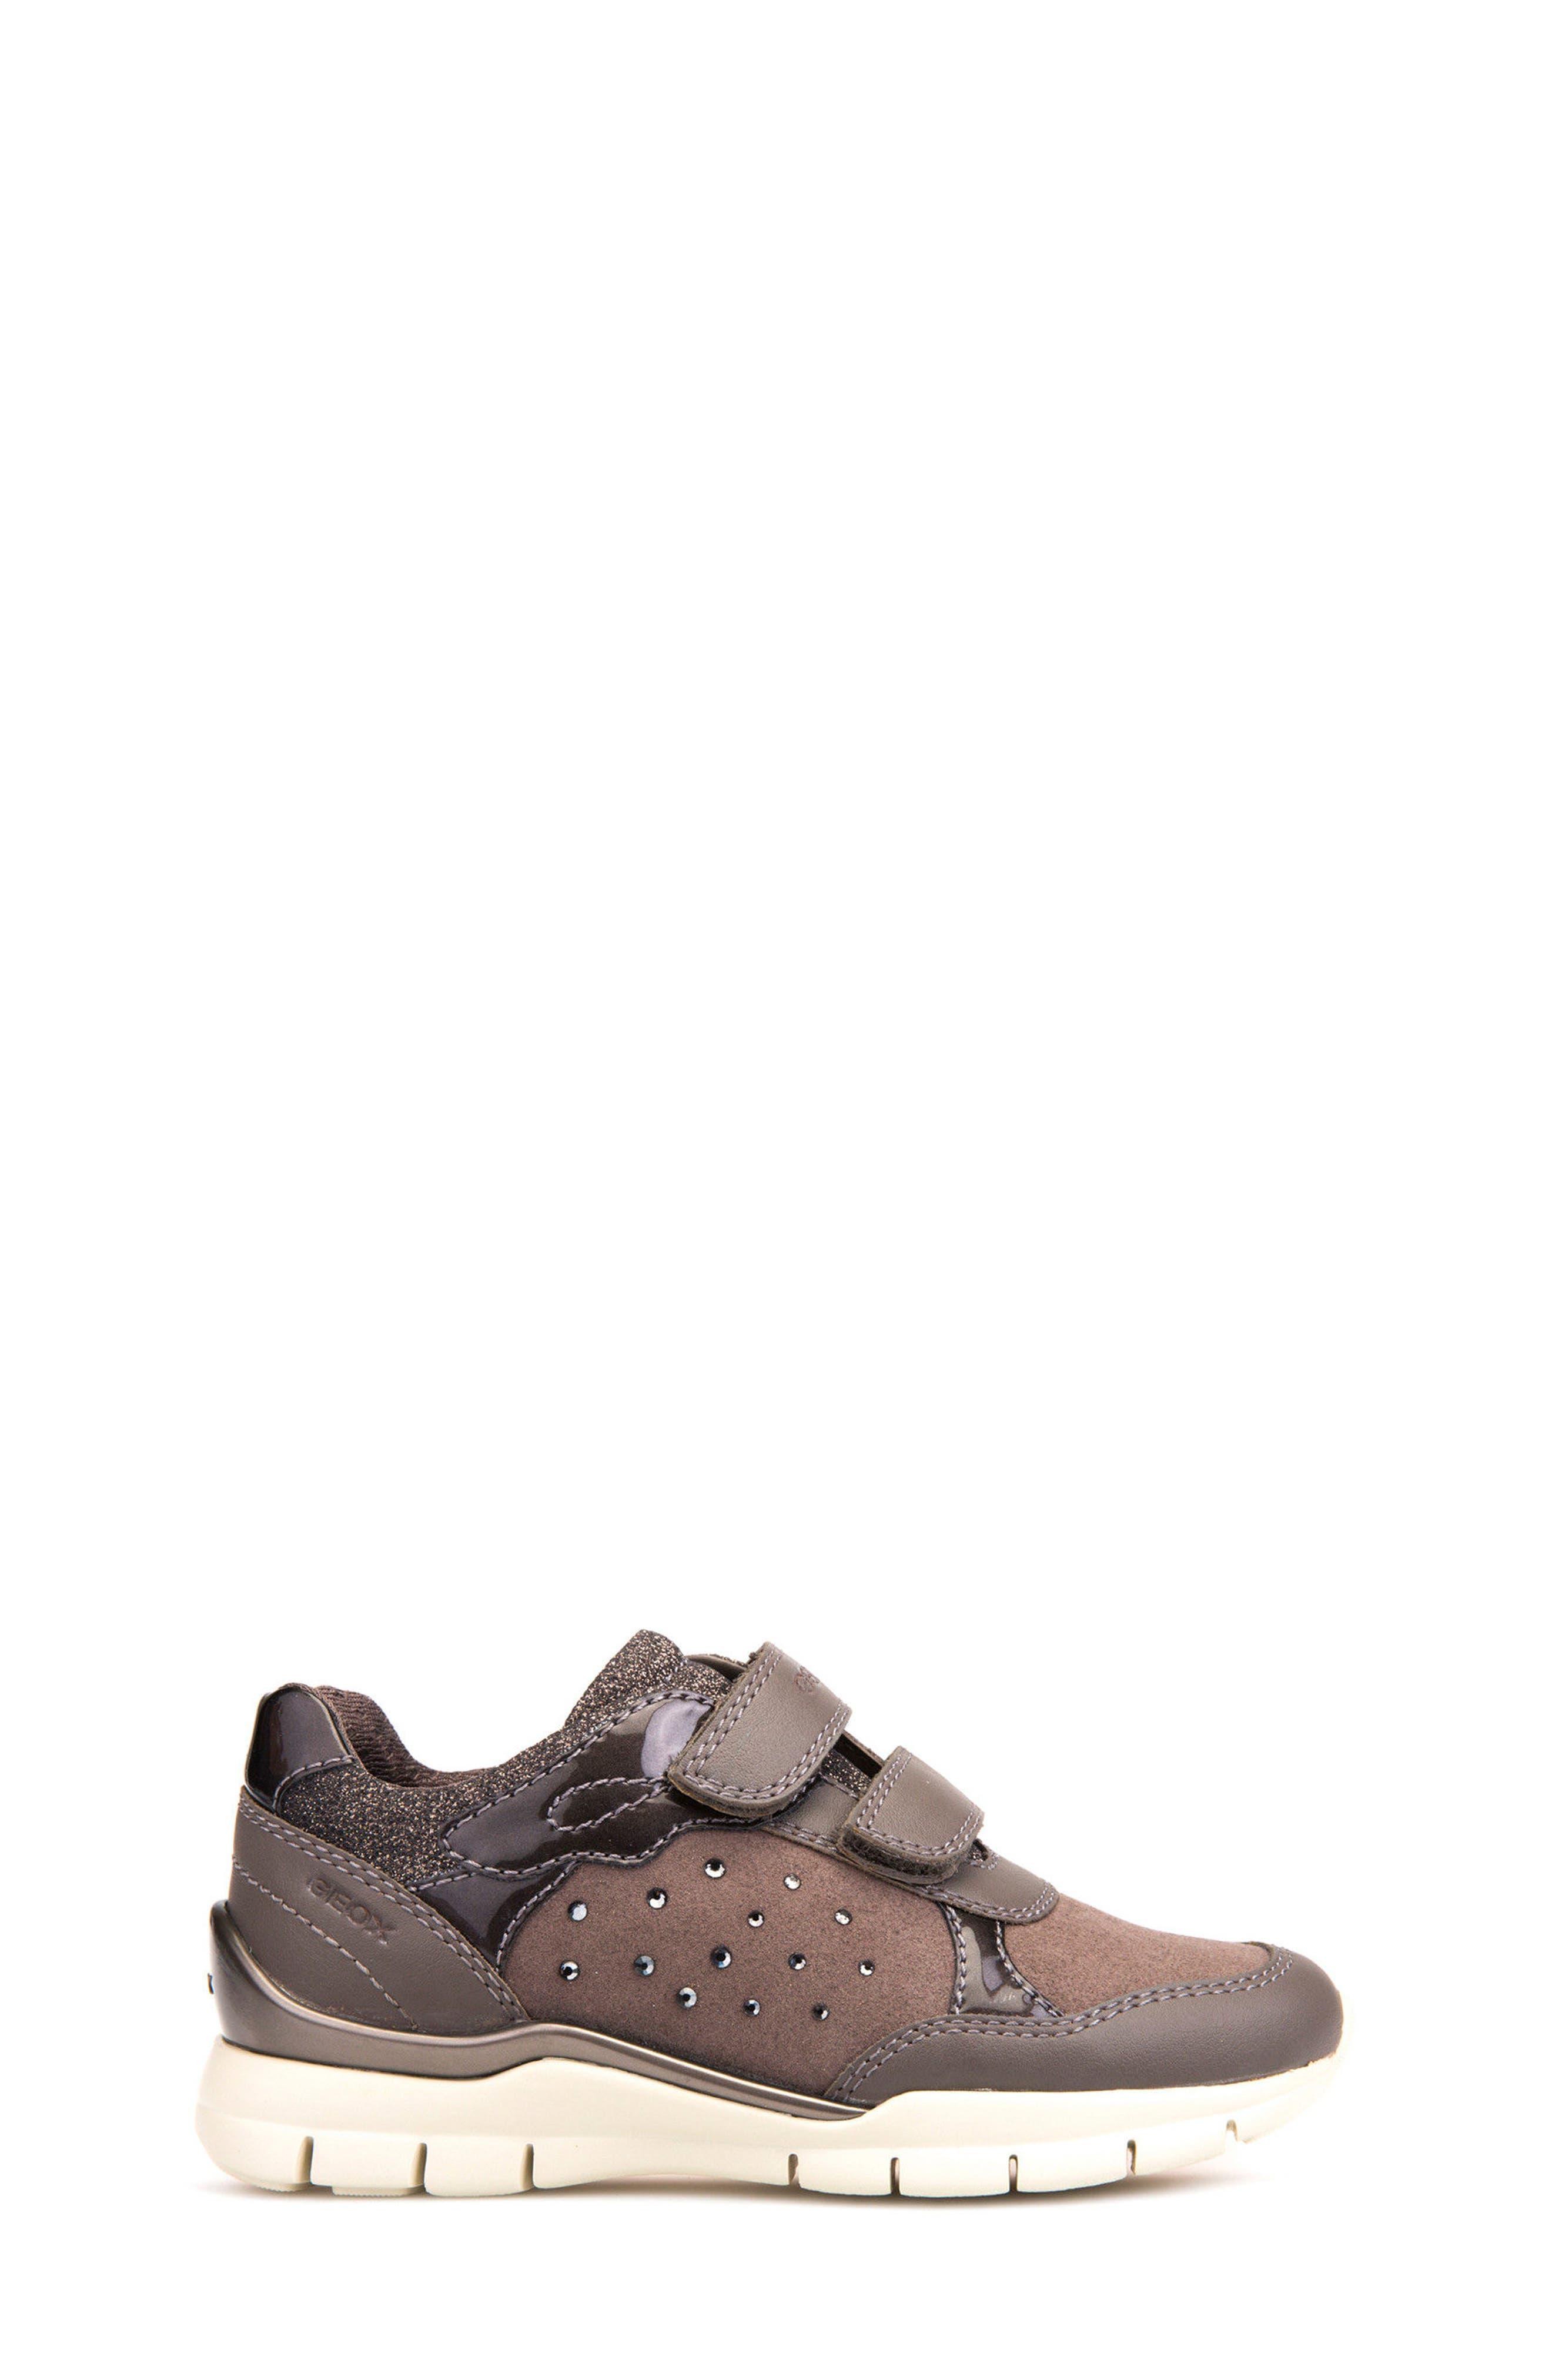 Alternate Image 3  - Geox Sukie Sneaker (Toddler, Little Kid & Big Kid)